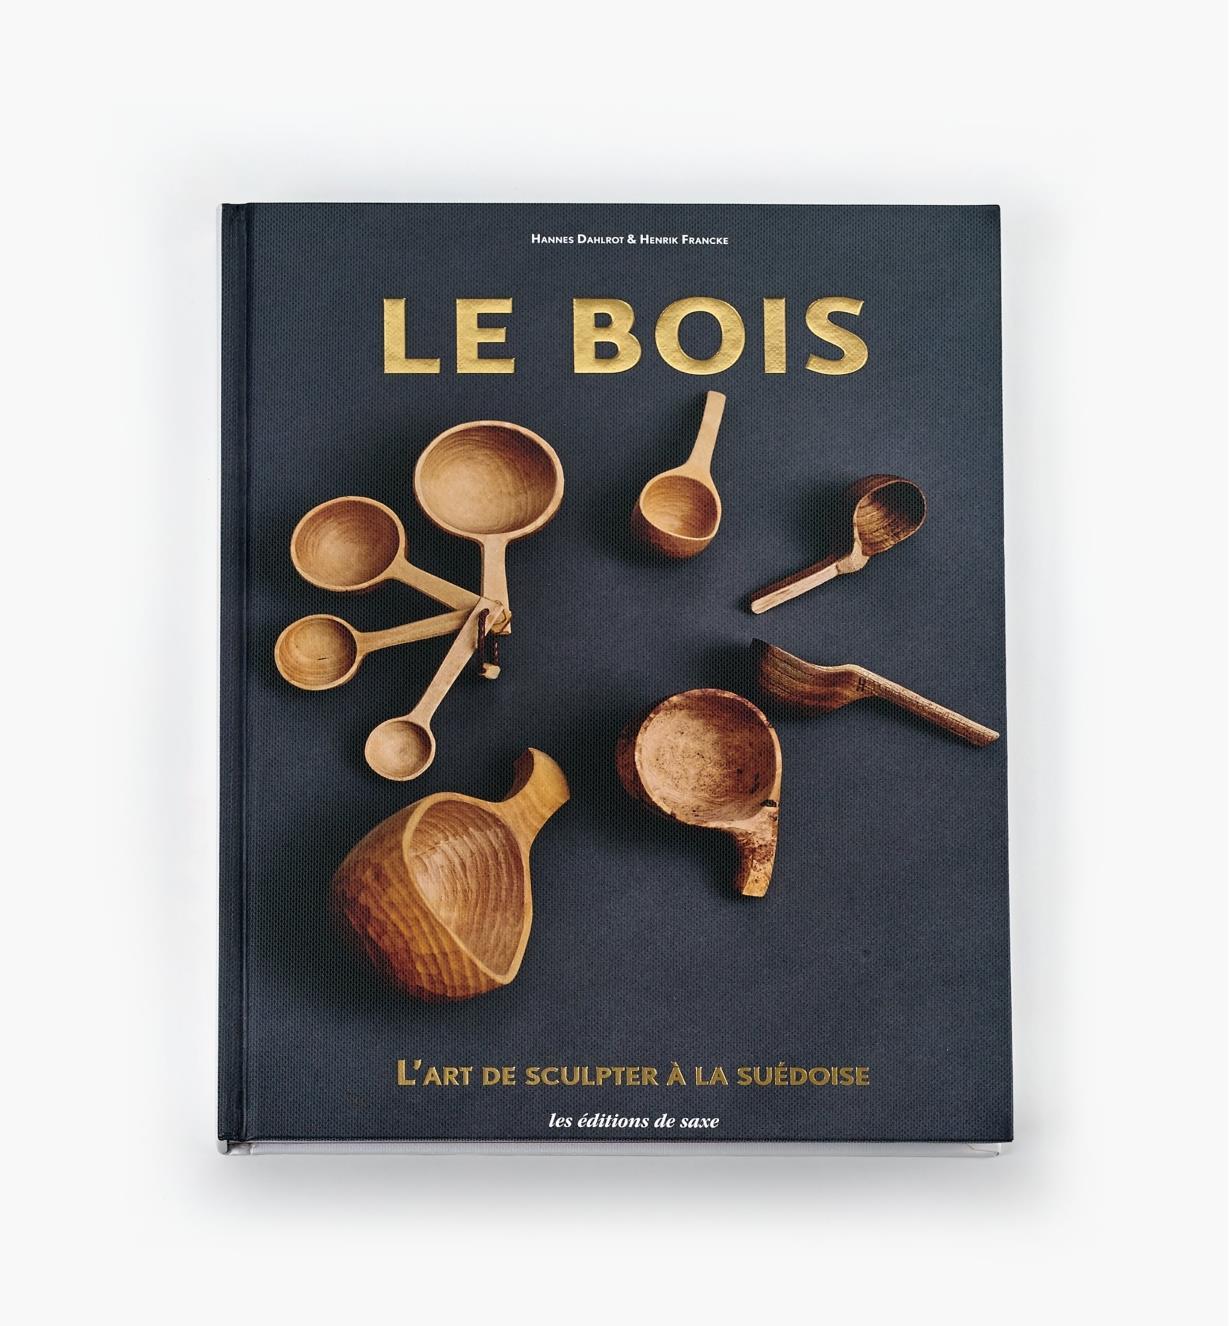 49L0209 - Le bois